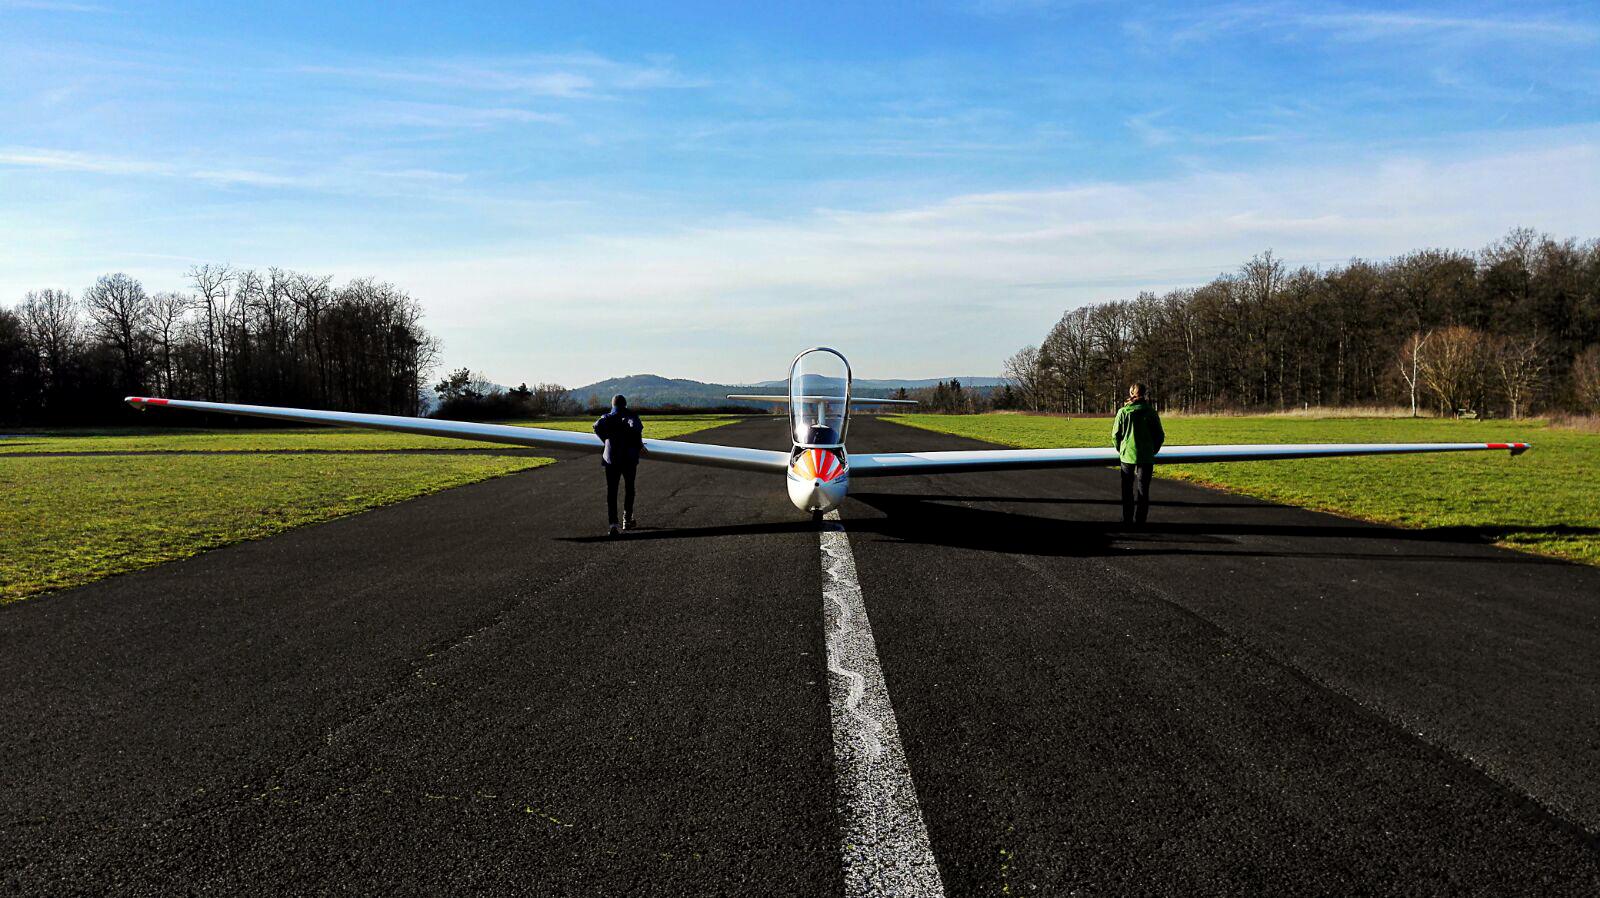 Ein Fluglehrer und ein Schüler schieben die ASK 21 des Vereins zum Startpunkt 09.